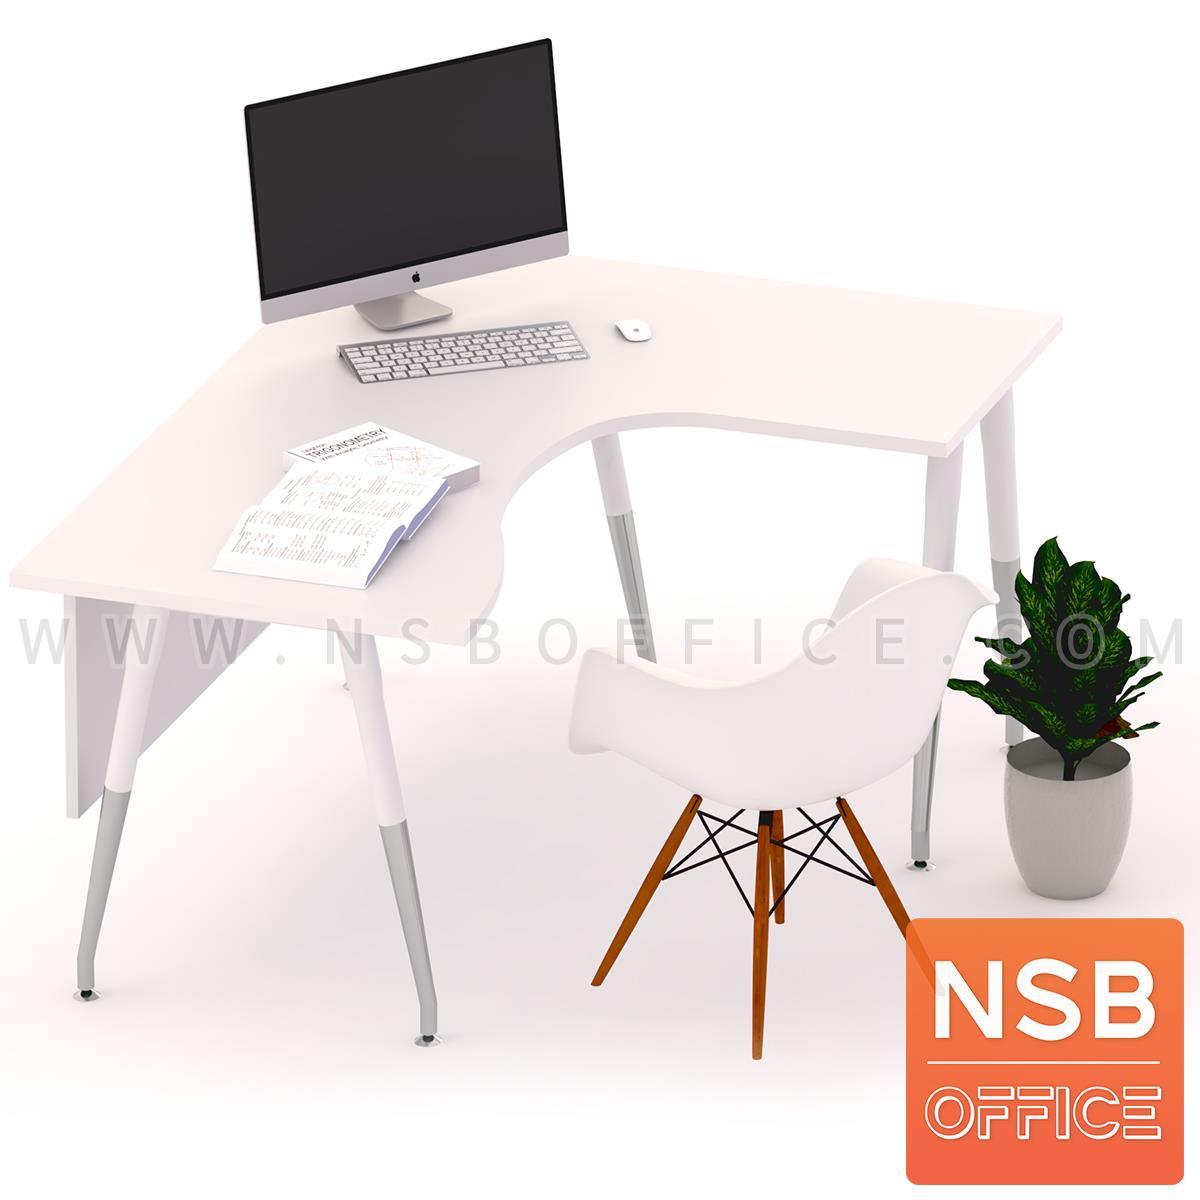 โต๊ะทำงานตัวแอล รุ่น Moonrise (มูนไรซ์)  ขนาด 160W*180W cm. ขาเหล็กปลายเรียว